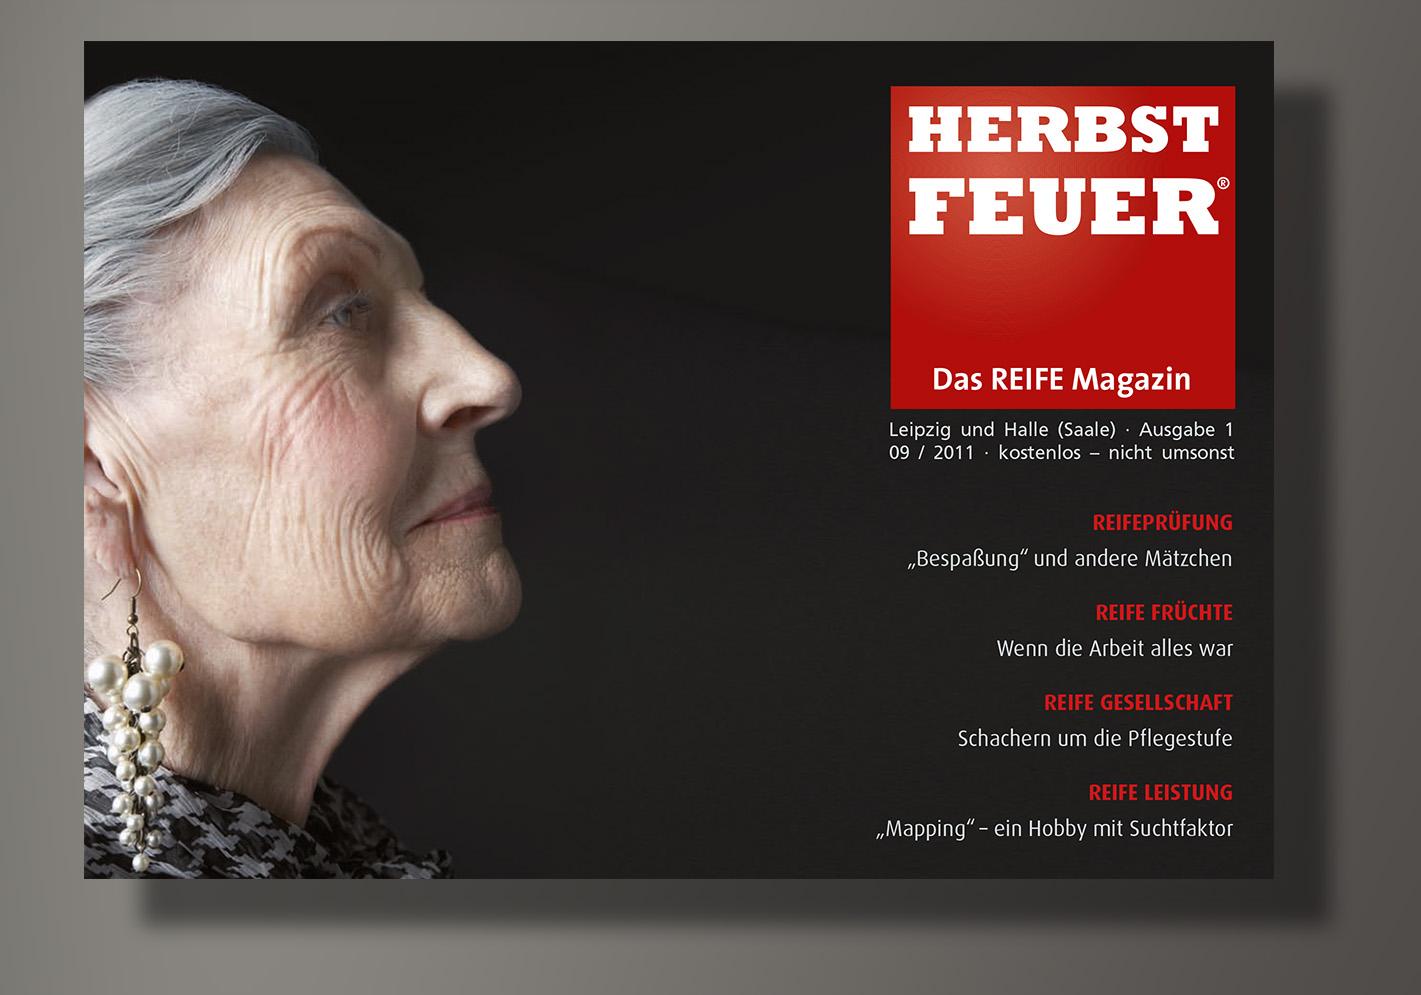 HERBSTFEUER – Das REIFE Magazin für Leipzig und Halle (Saale); Erstausgabe